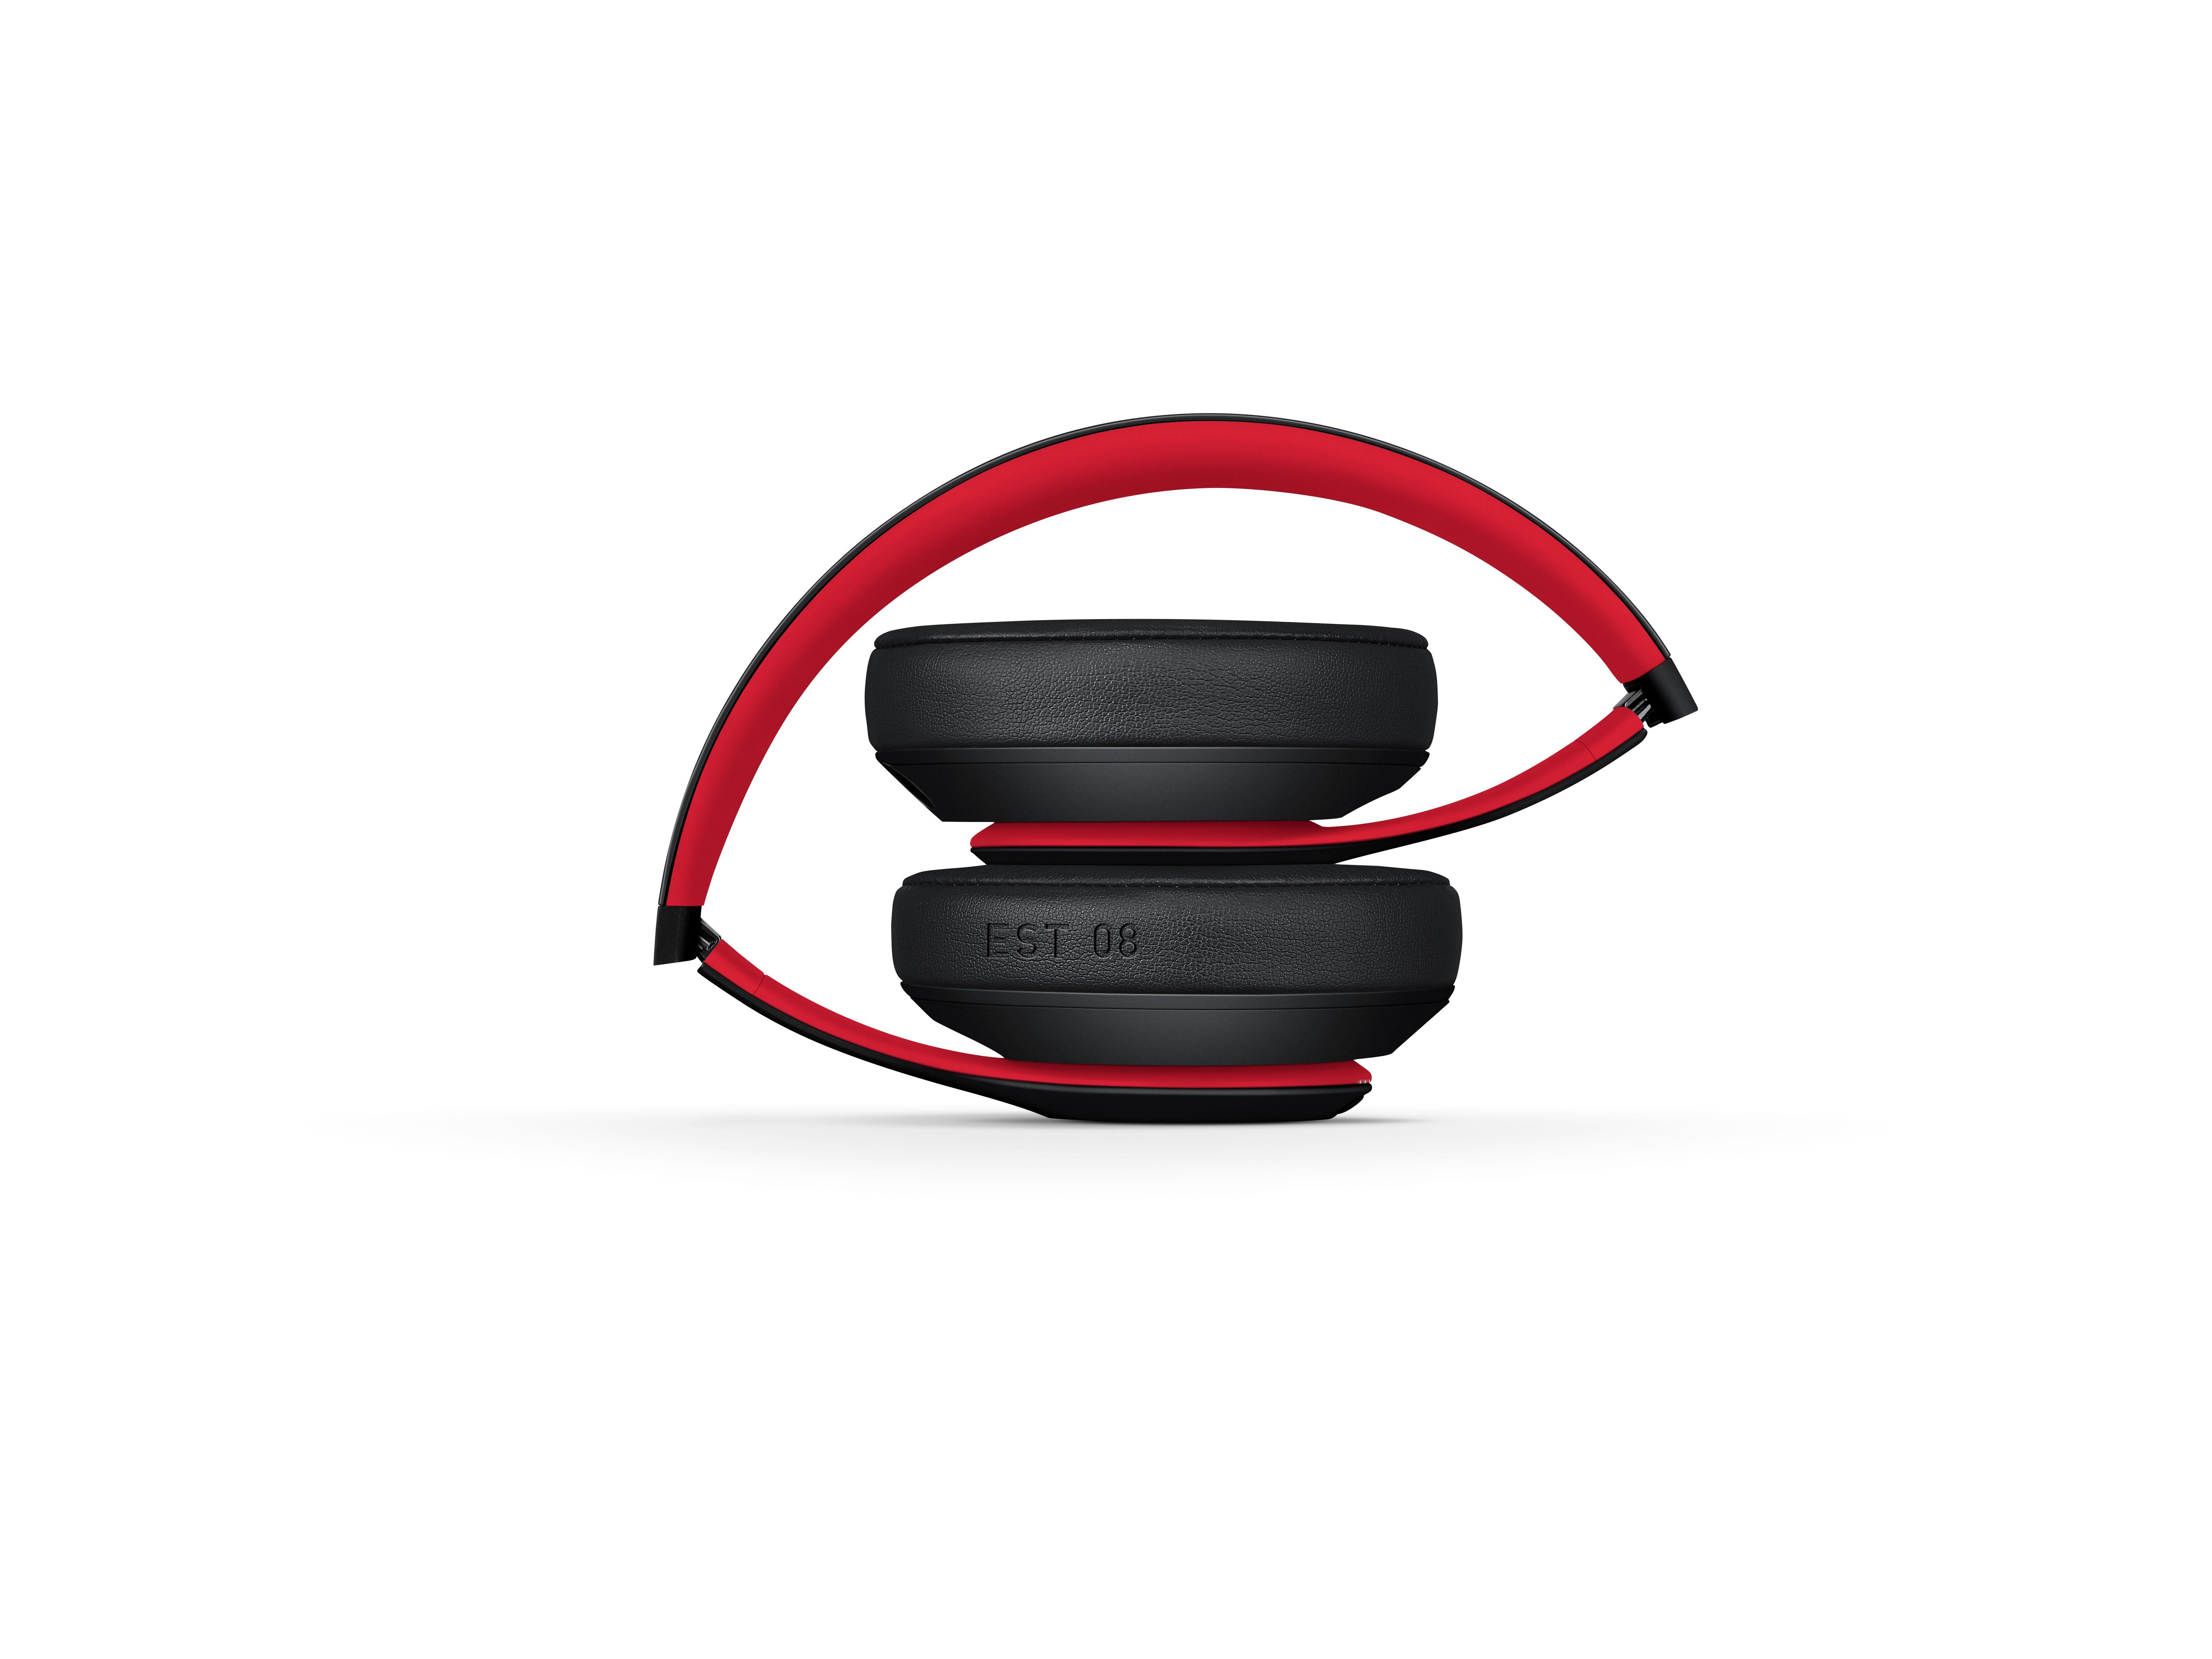 Beats Studio3 Wireless Over Ear Headphones Beats Wireless Headphones In Ear Headphones Headphones Over Ear Headphones